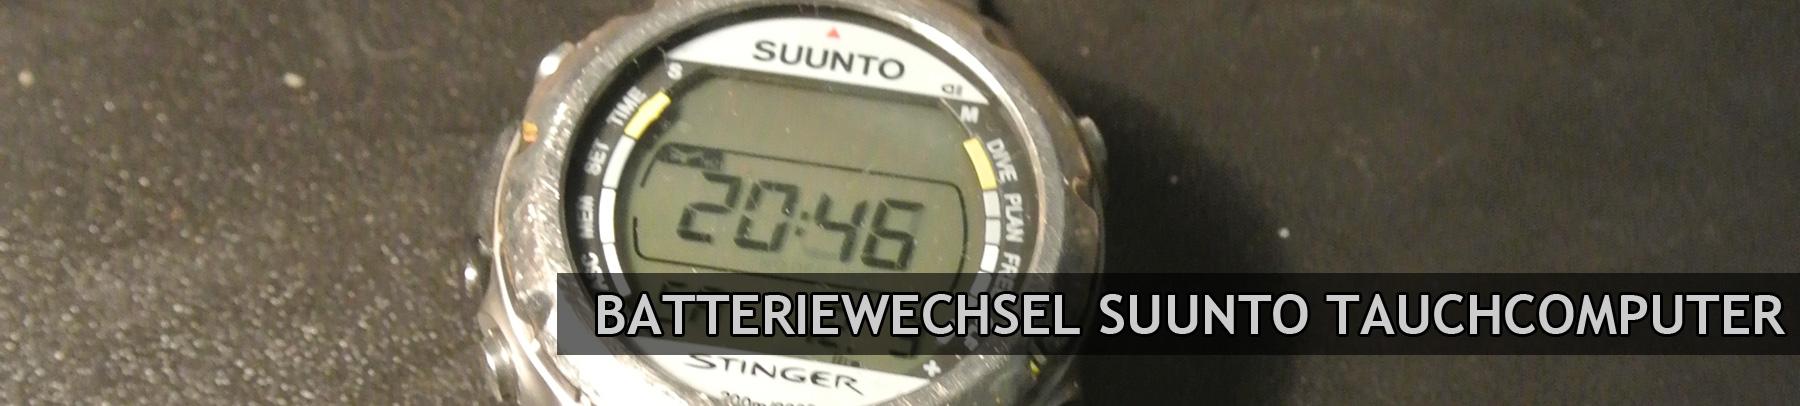 Batteriewechsel-Suunto-Tauchcomputer-Banner